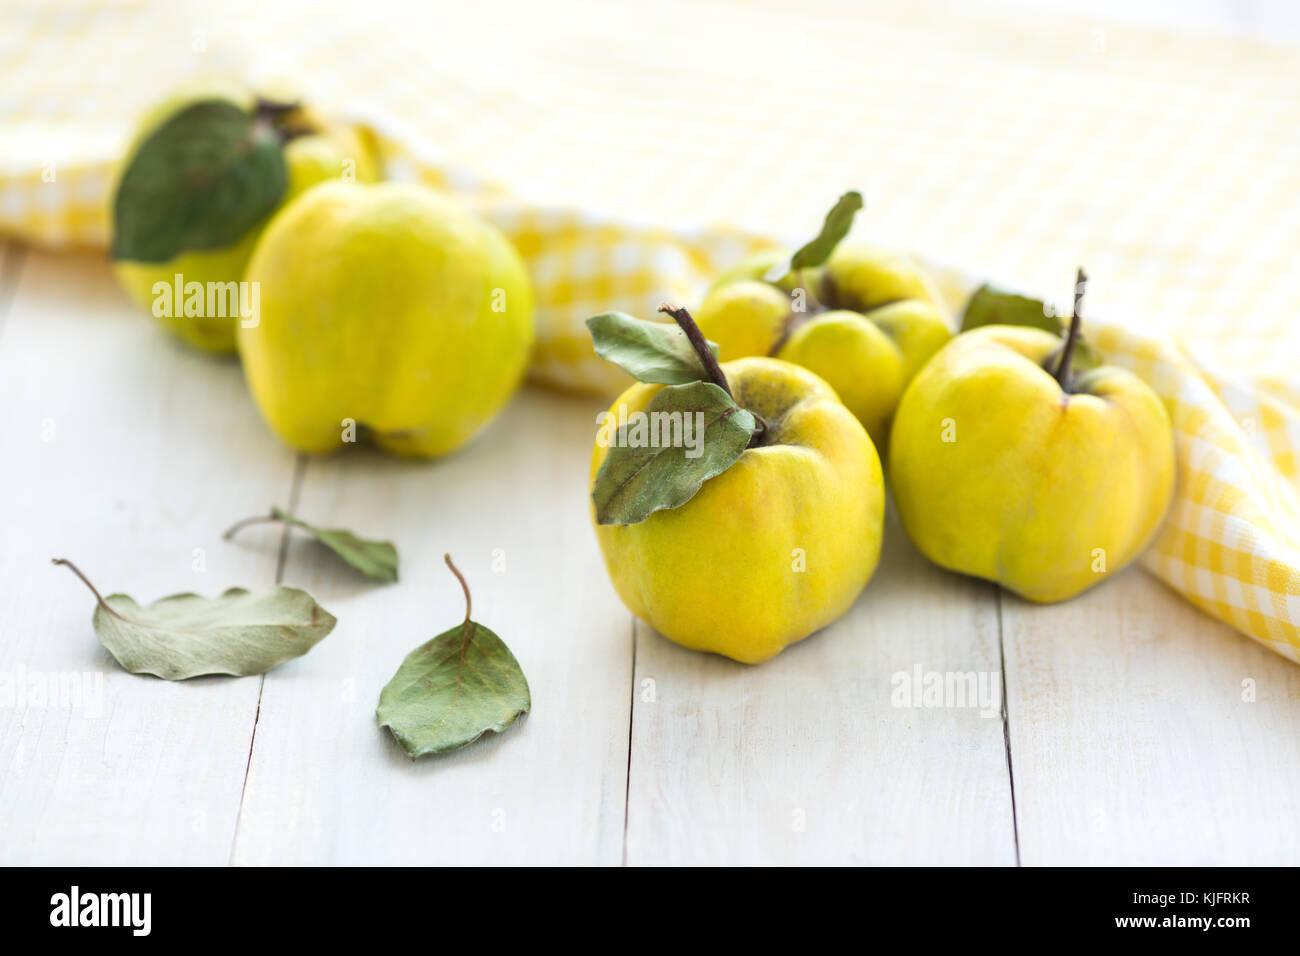 Reichtum, Zuschneiden, füllhorn Konzept. Auf der strahlend weiße Oberfläche der Tabelle Es gibt Früchte Stockbild